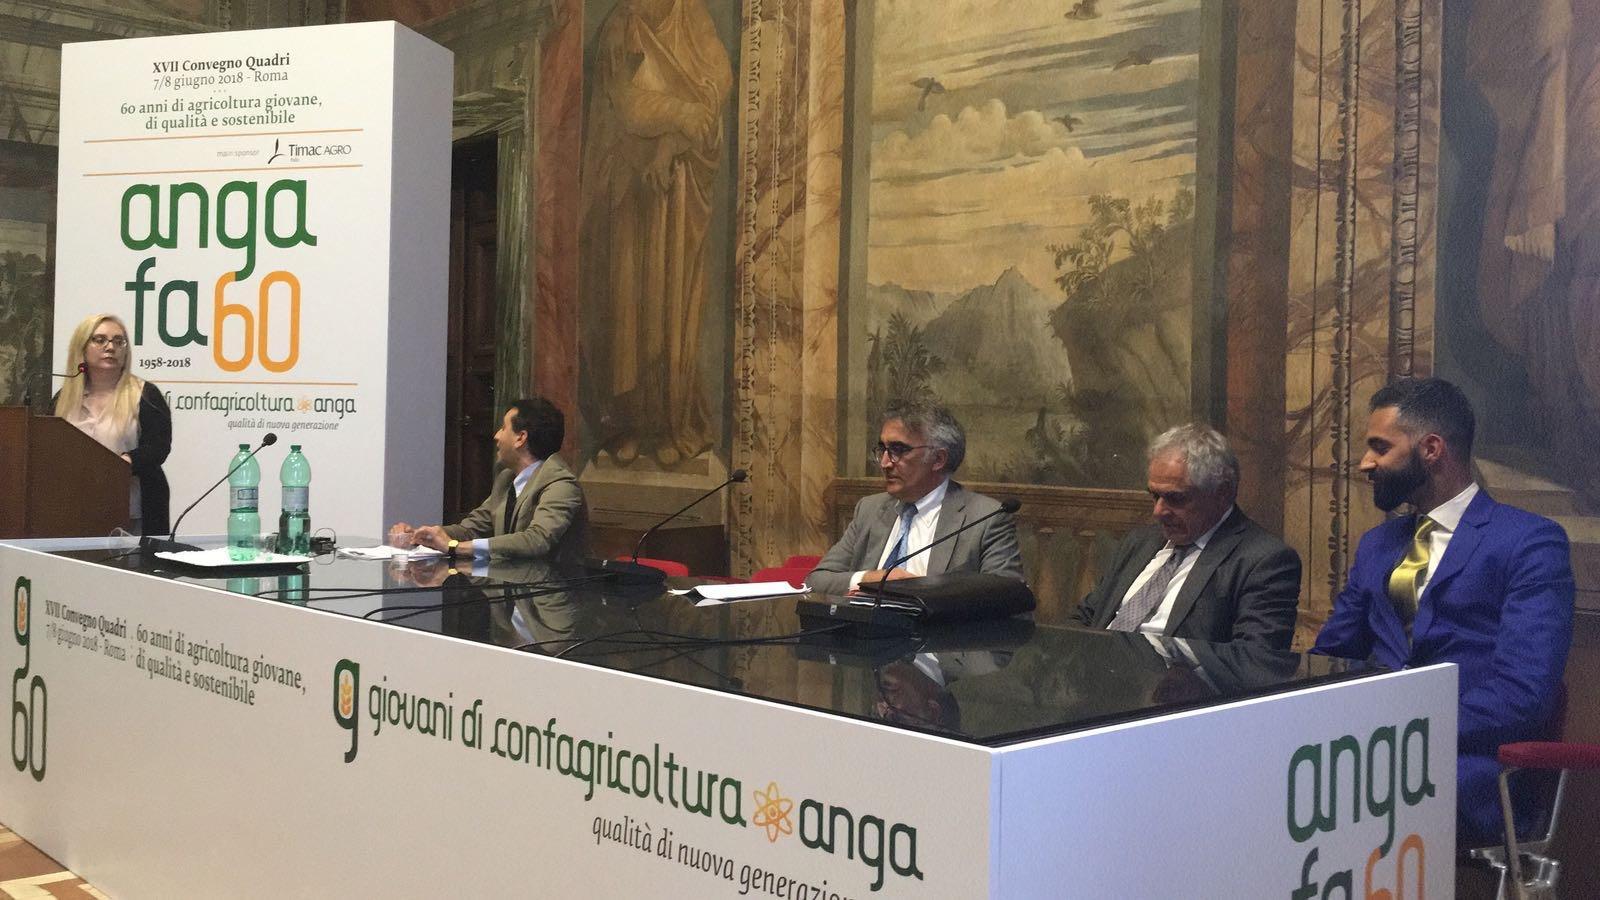 """UNIDO ITPO Italy interviene alla tavola rotonda """"Misurare la Sostenibilità per creare valore"""" di ANGA"""